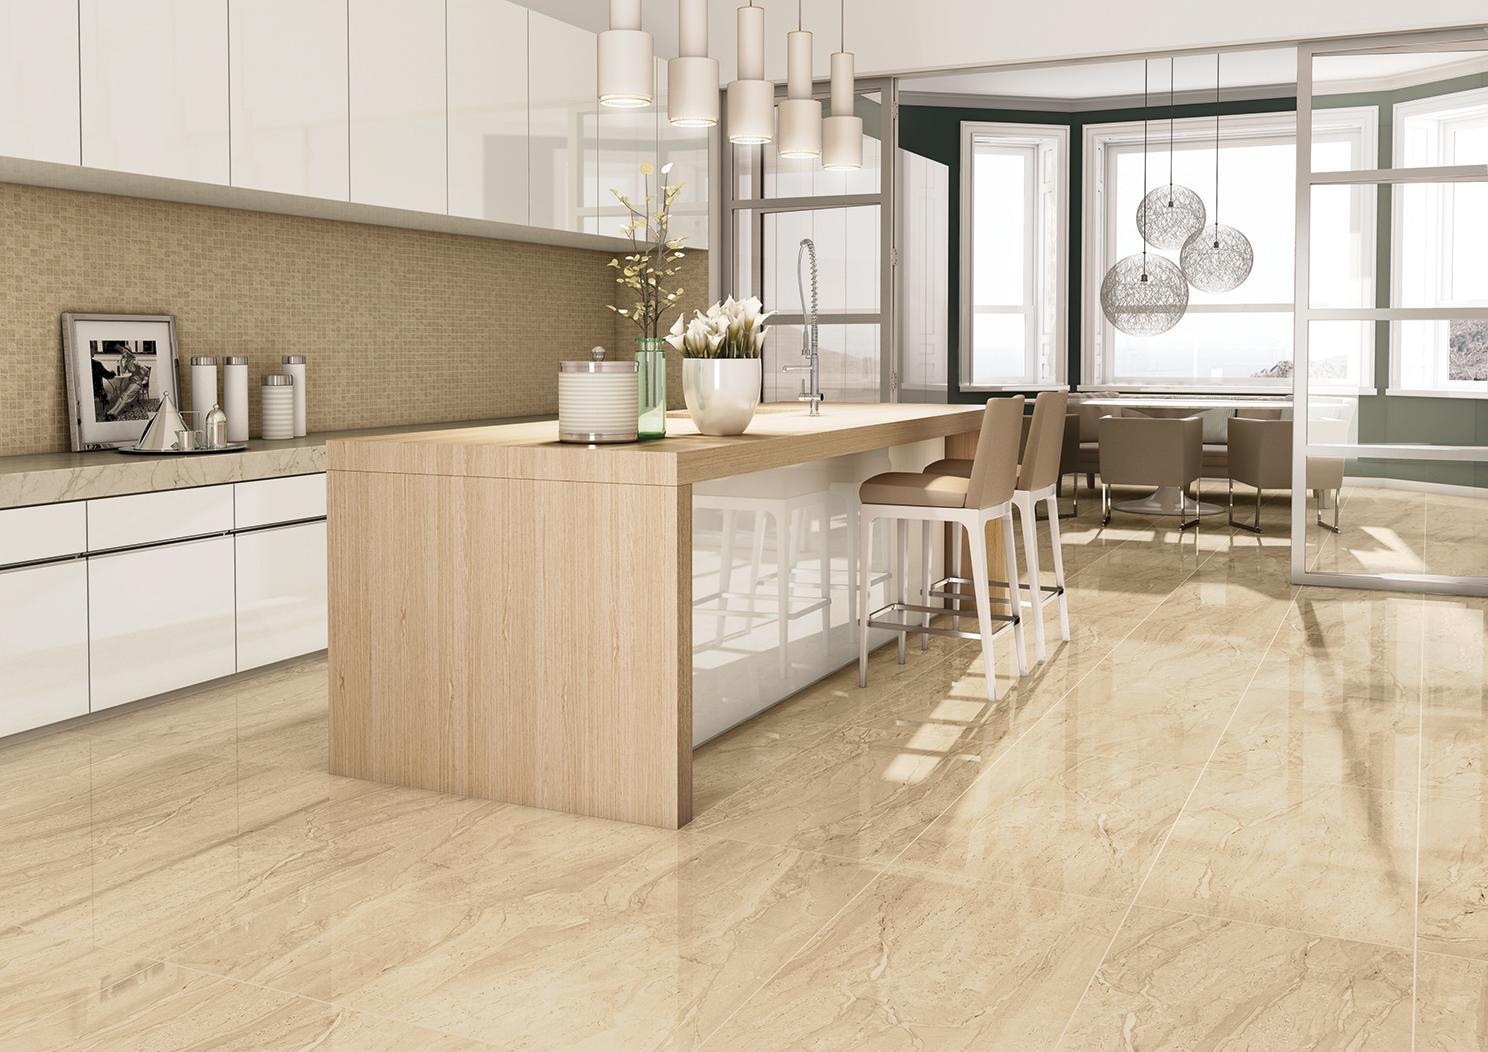 piso ideal para cozinha – Parte 1: Porcelanato LV Par #8B6C40 1488 1052